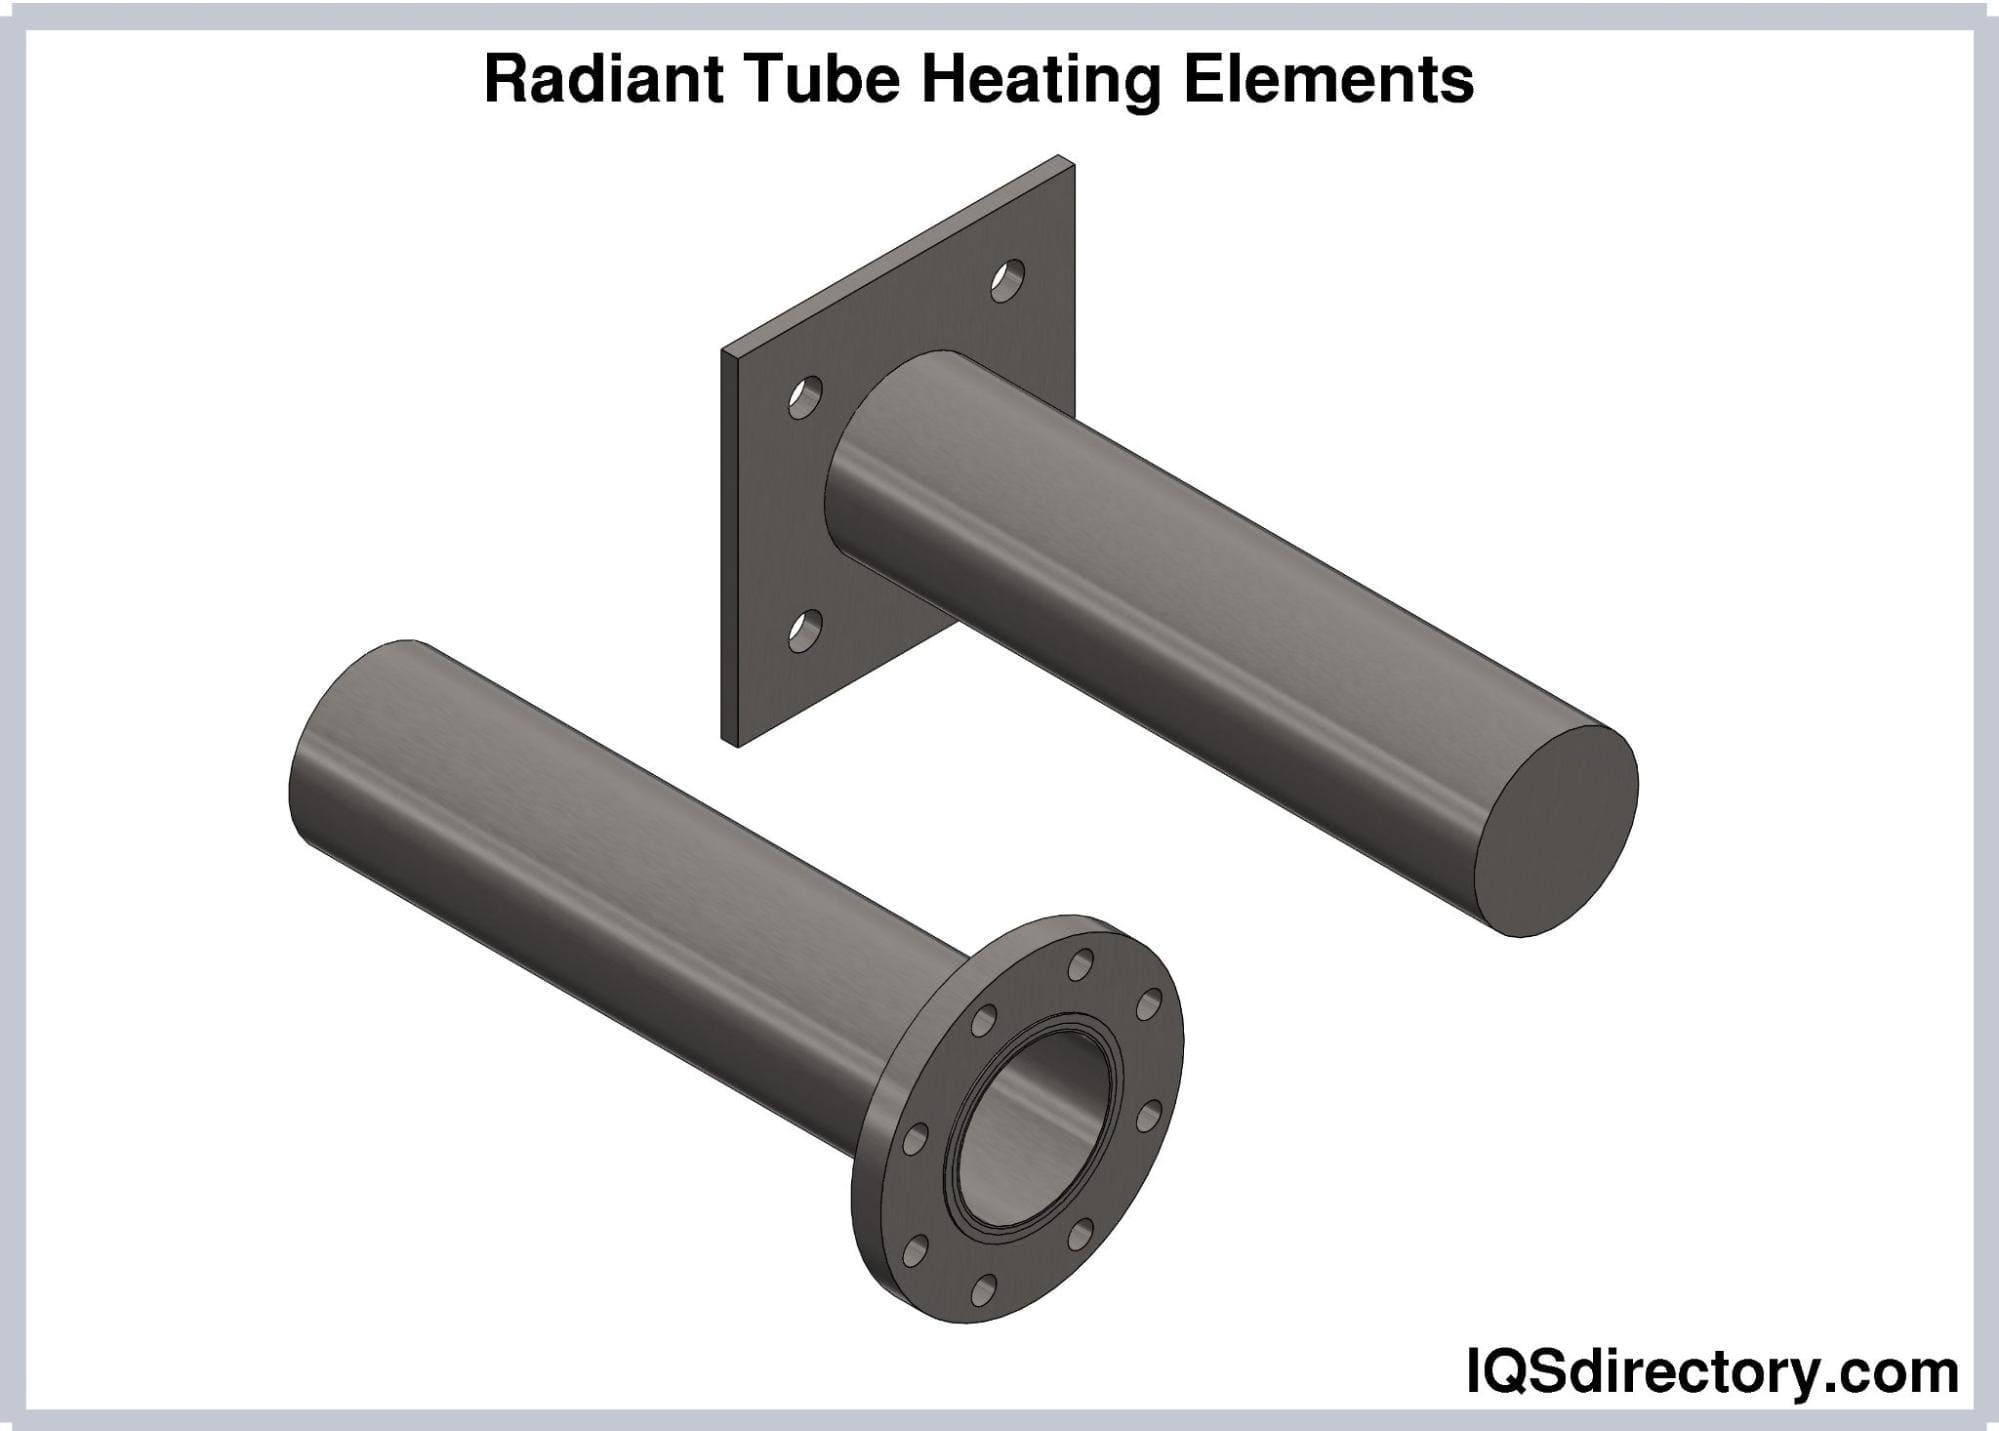 Radiant Tube Heating Elements